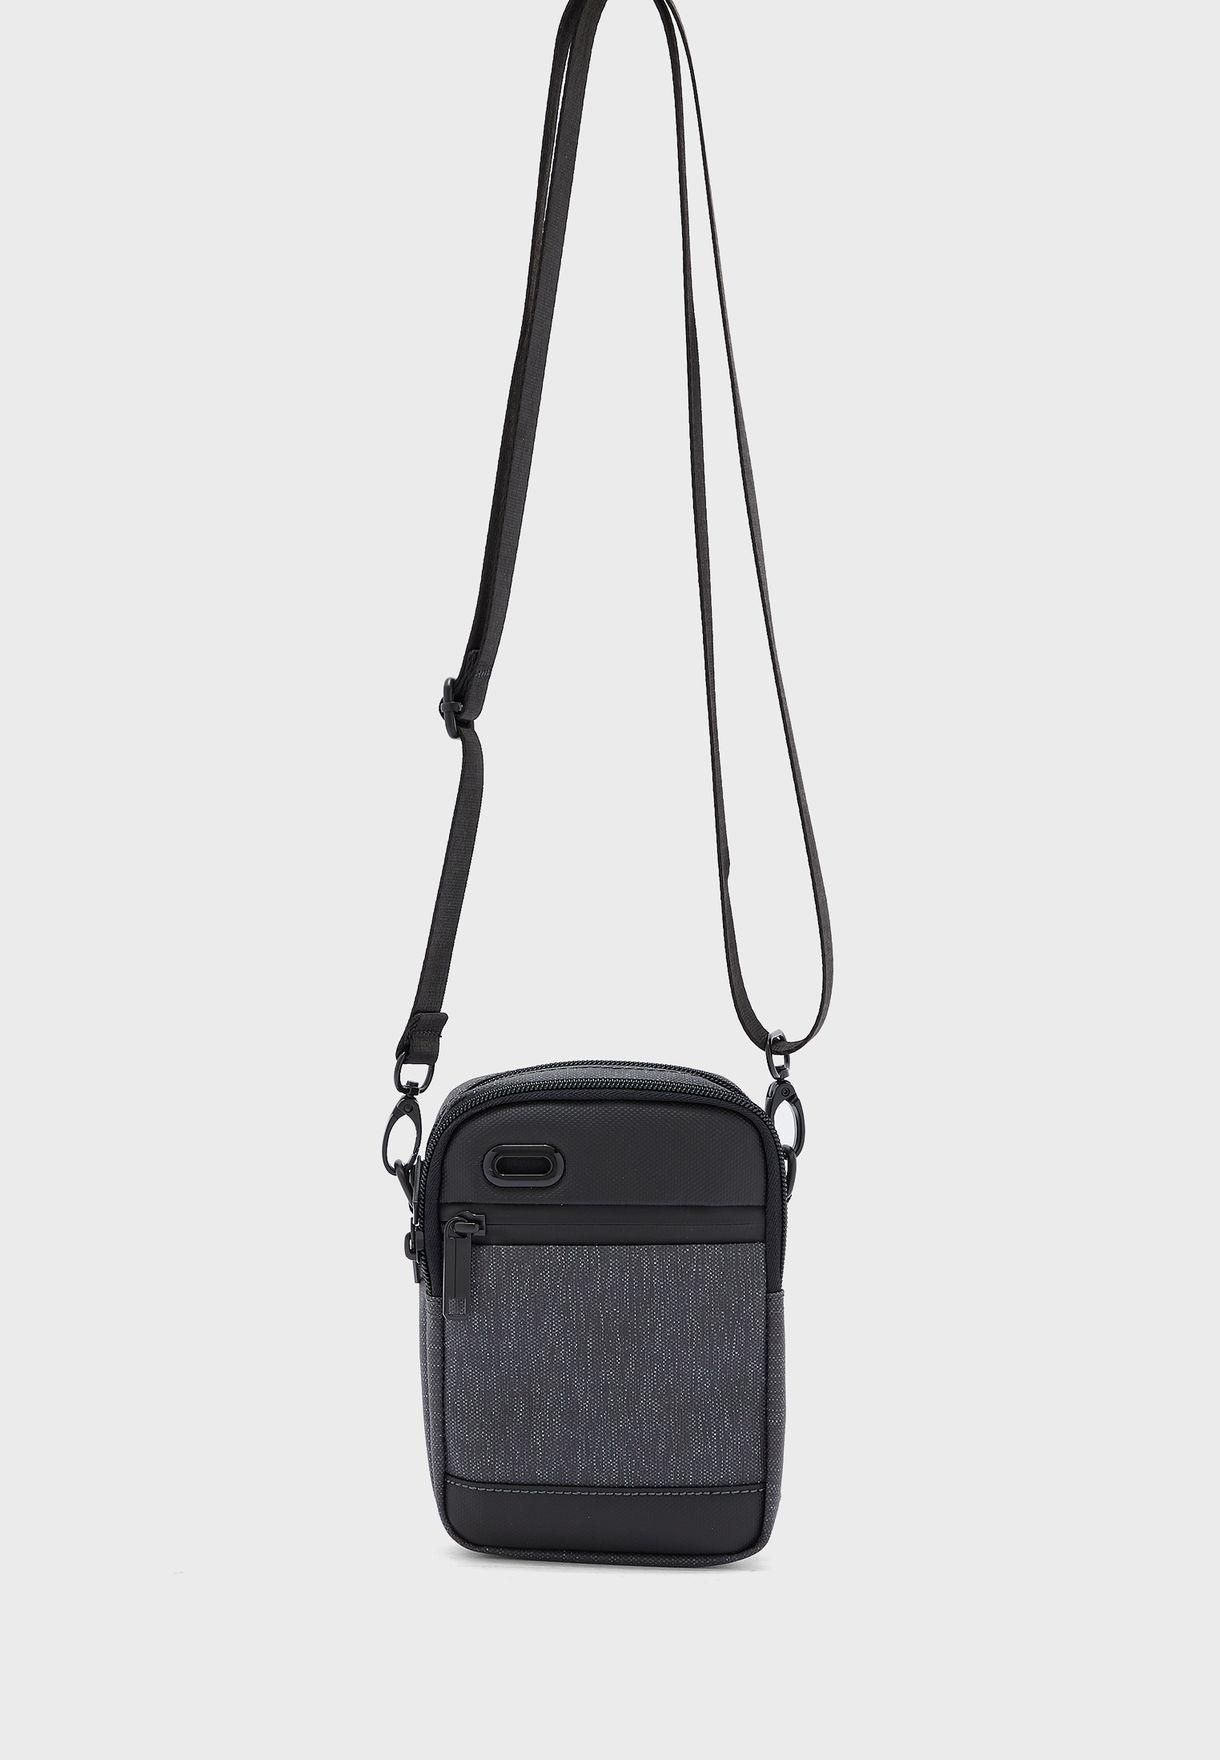 Sling & cross body bag